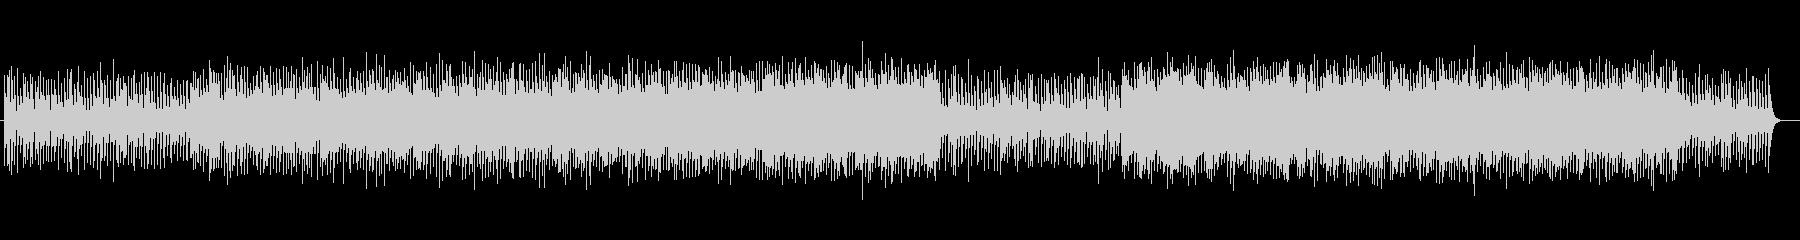 明るくキラキラしたシンセサイザーの曲の未再生の波形